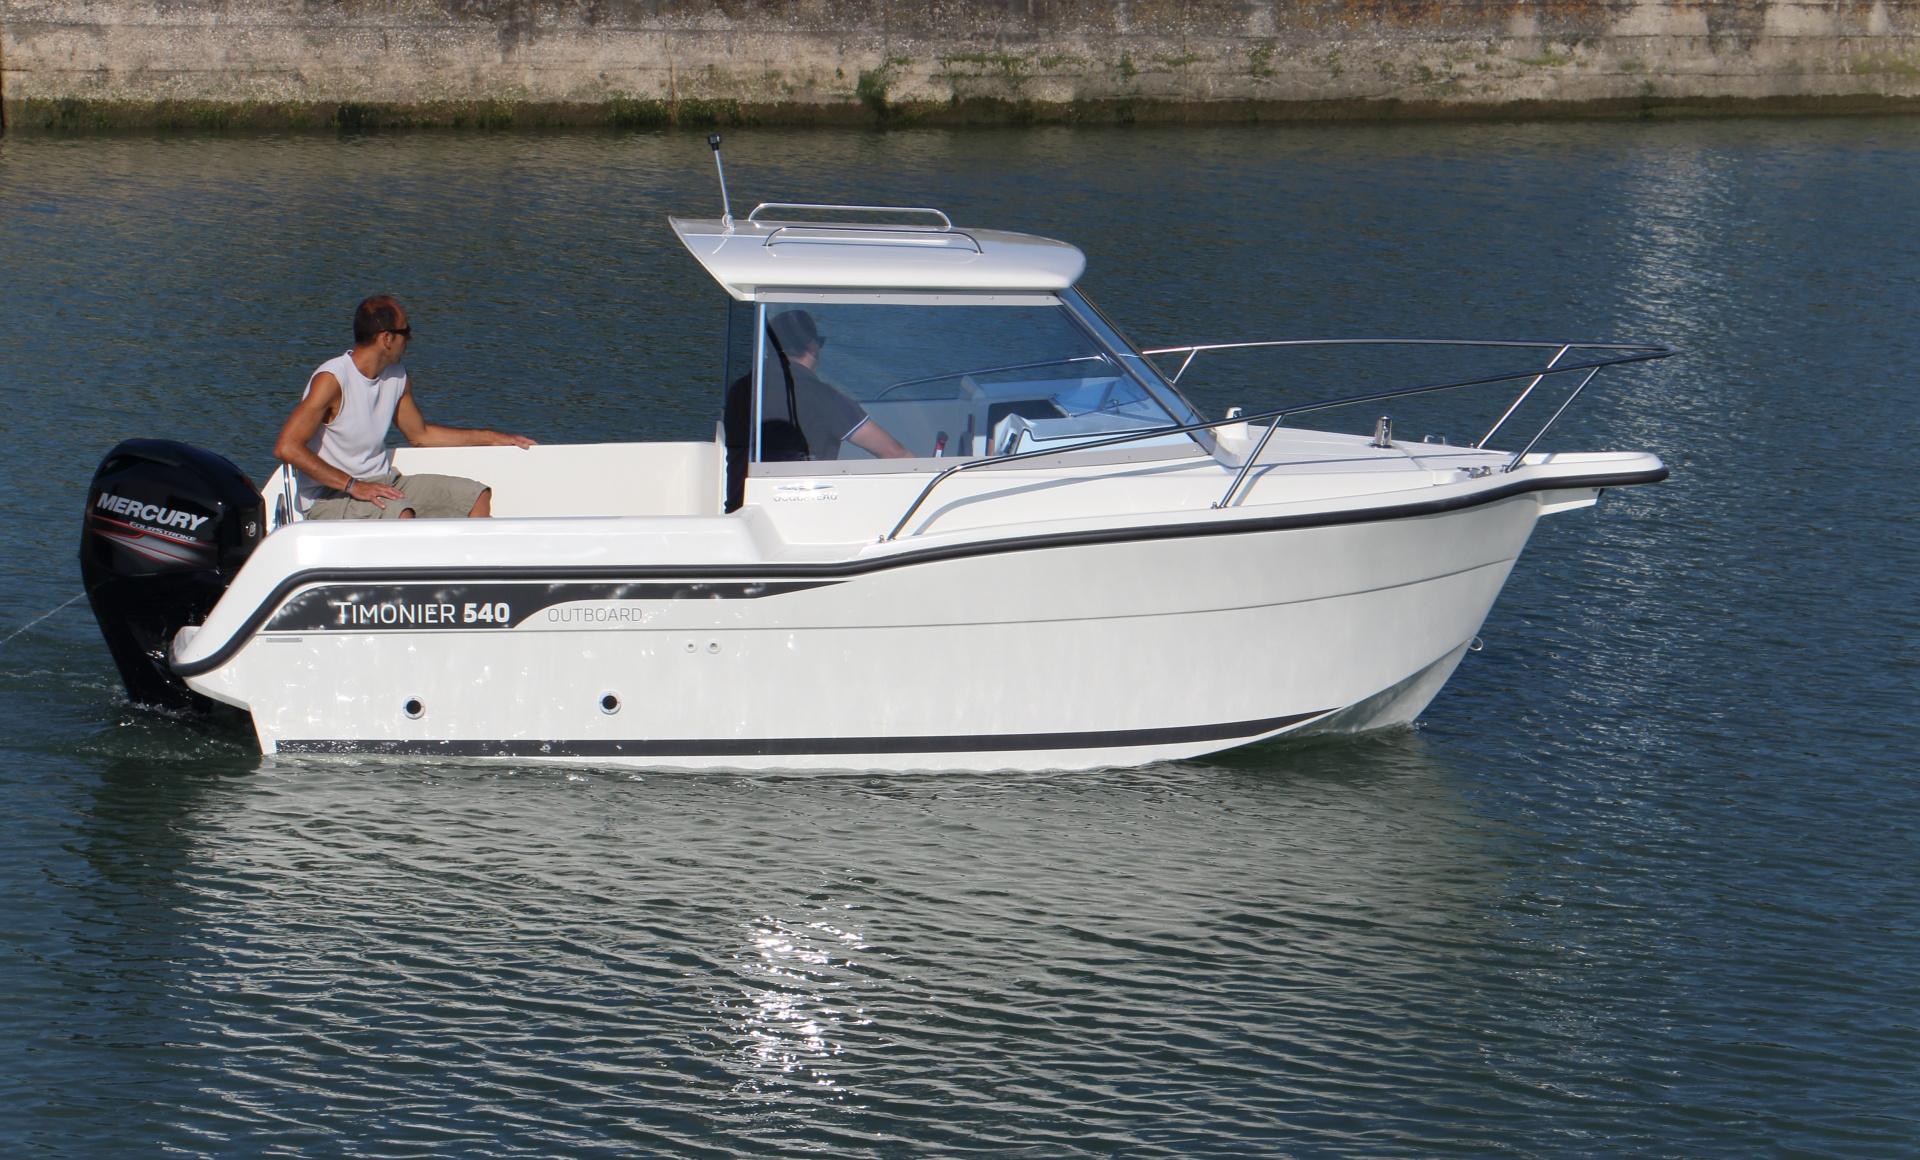 bateau  u00e0 moteur ocqueteau timonier 540